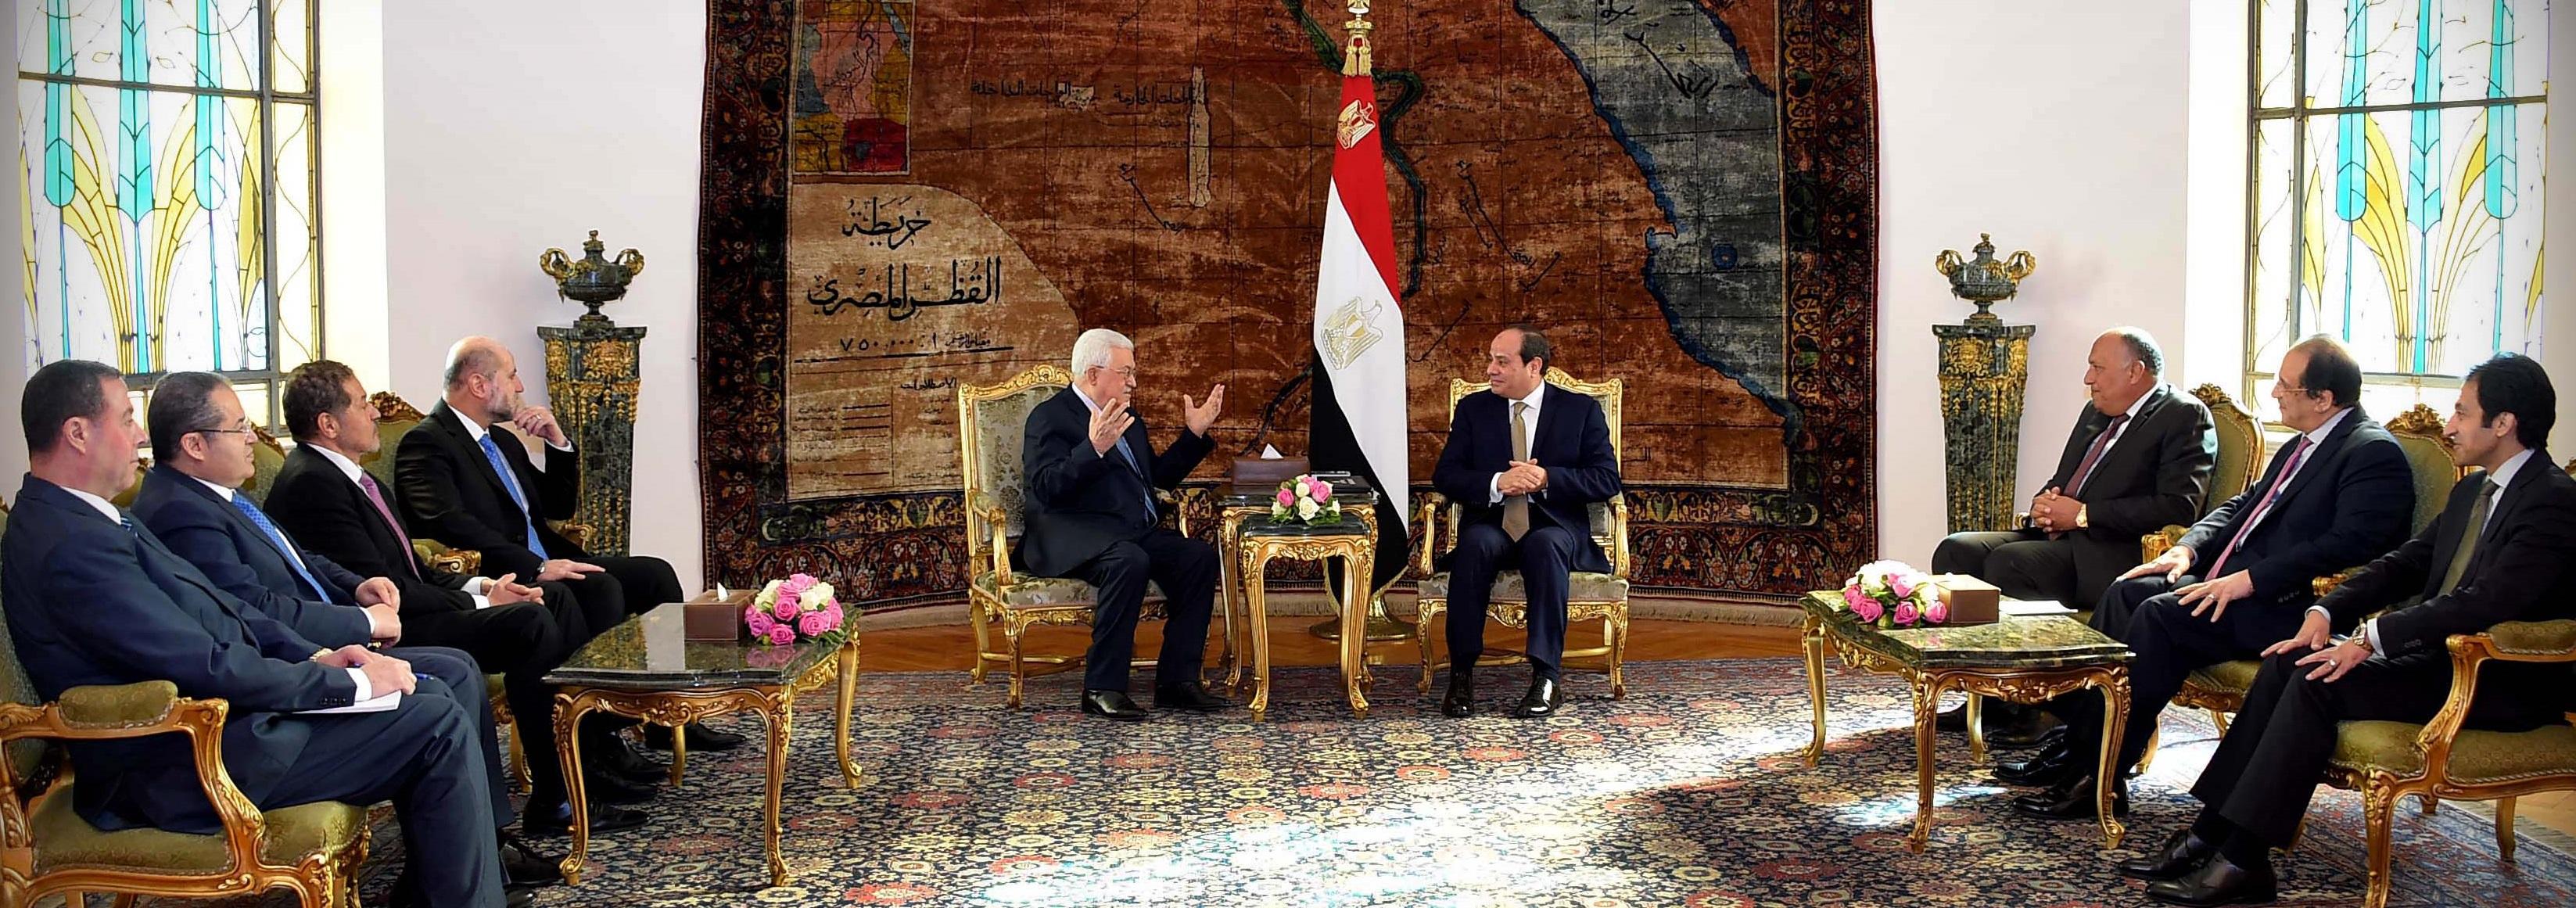 الرئيس السيسى يستقبل أبو مازن